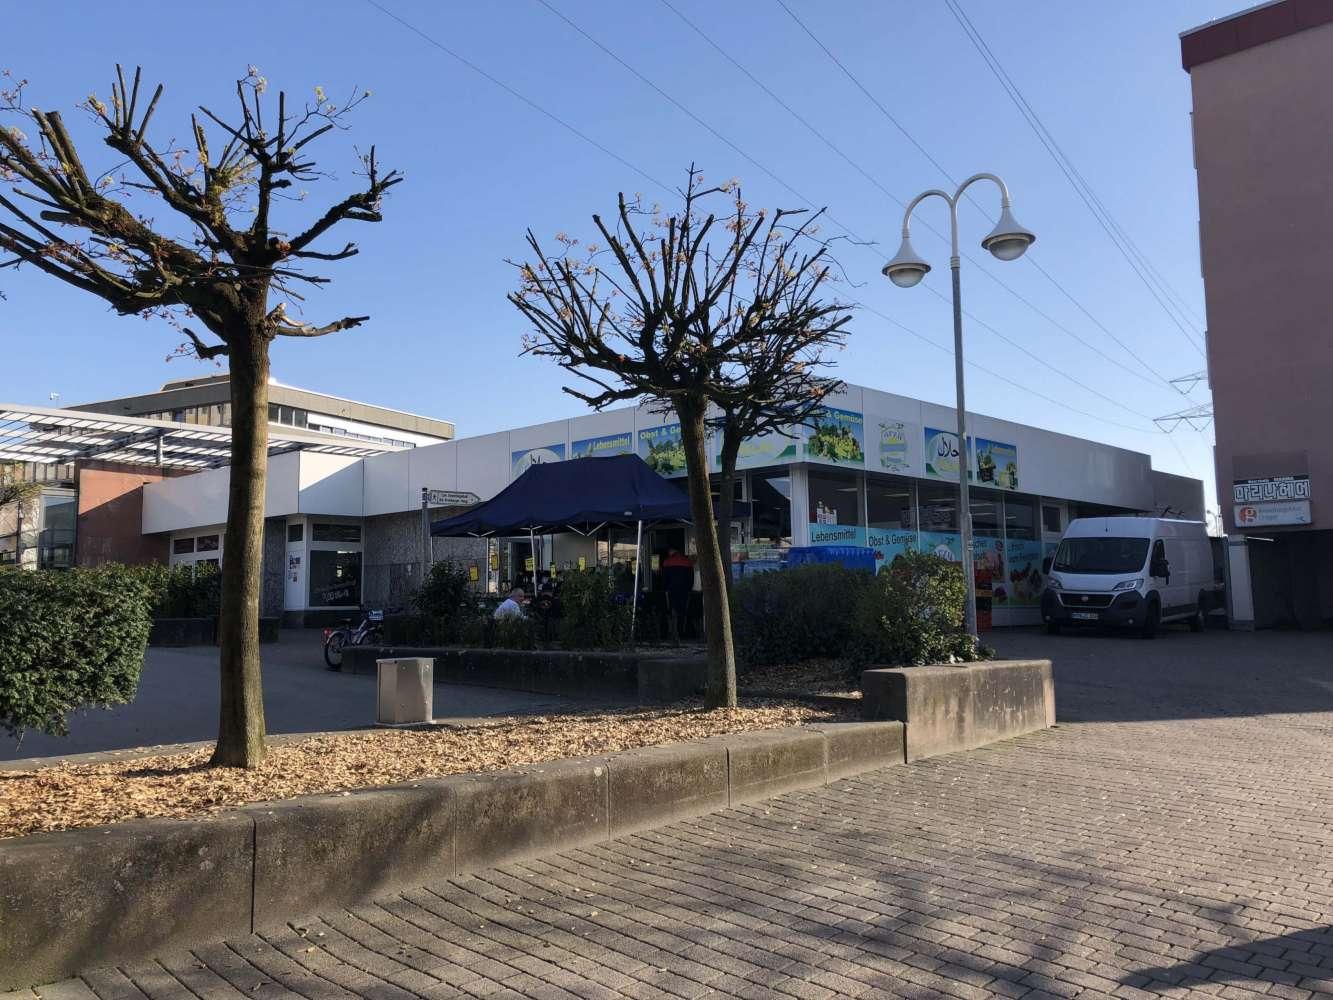 Ladenflächen Schwalbach am taunus, 65824 - Ladenfläche - Schwalbach am Taunus, Zentrum - E0793 - 9586417